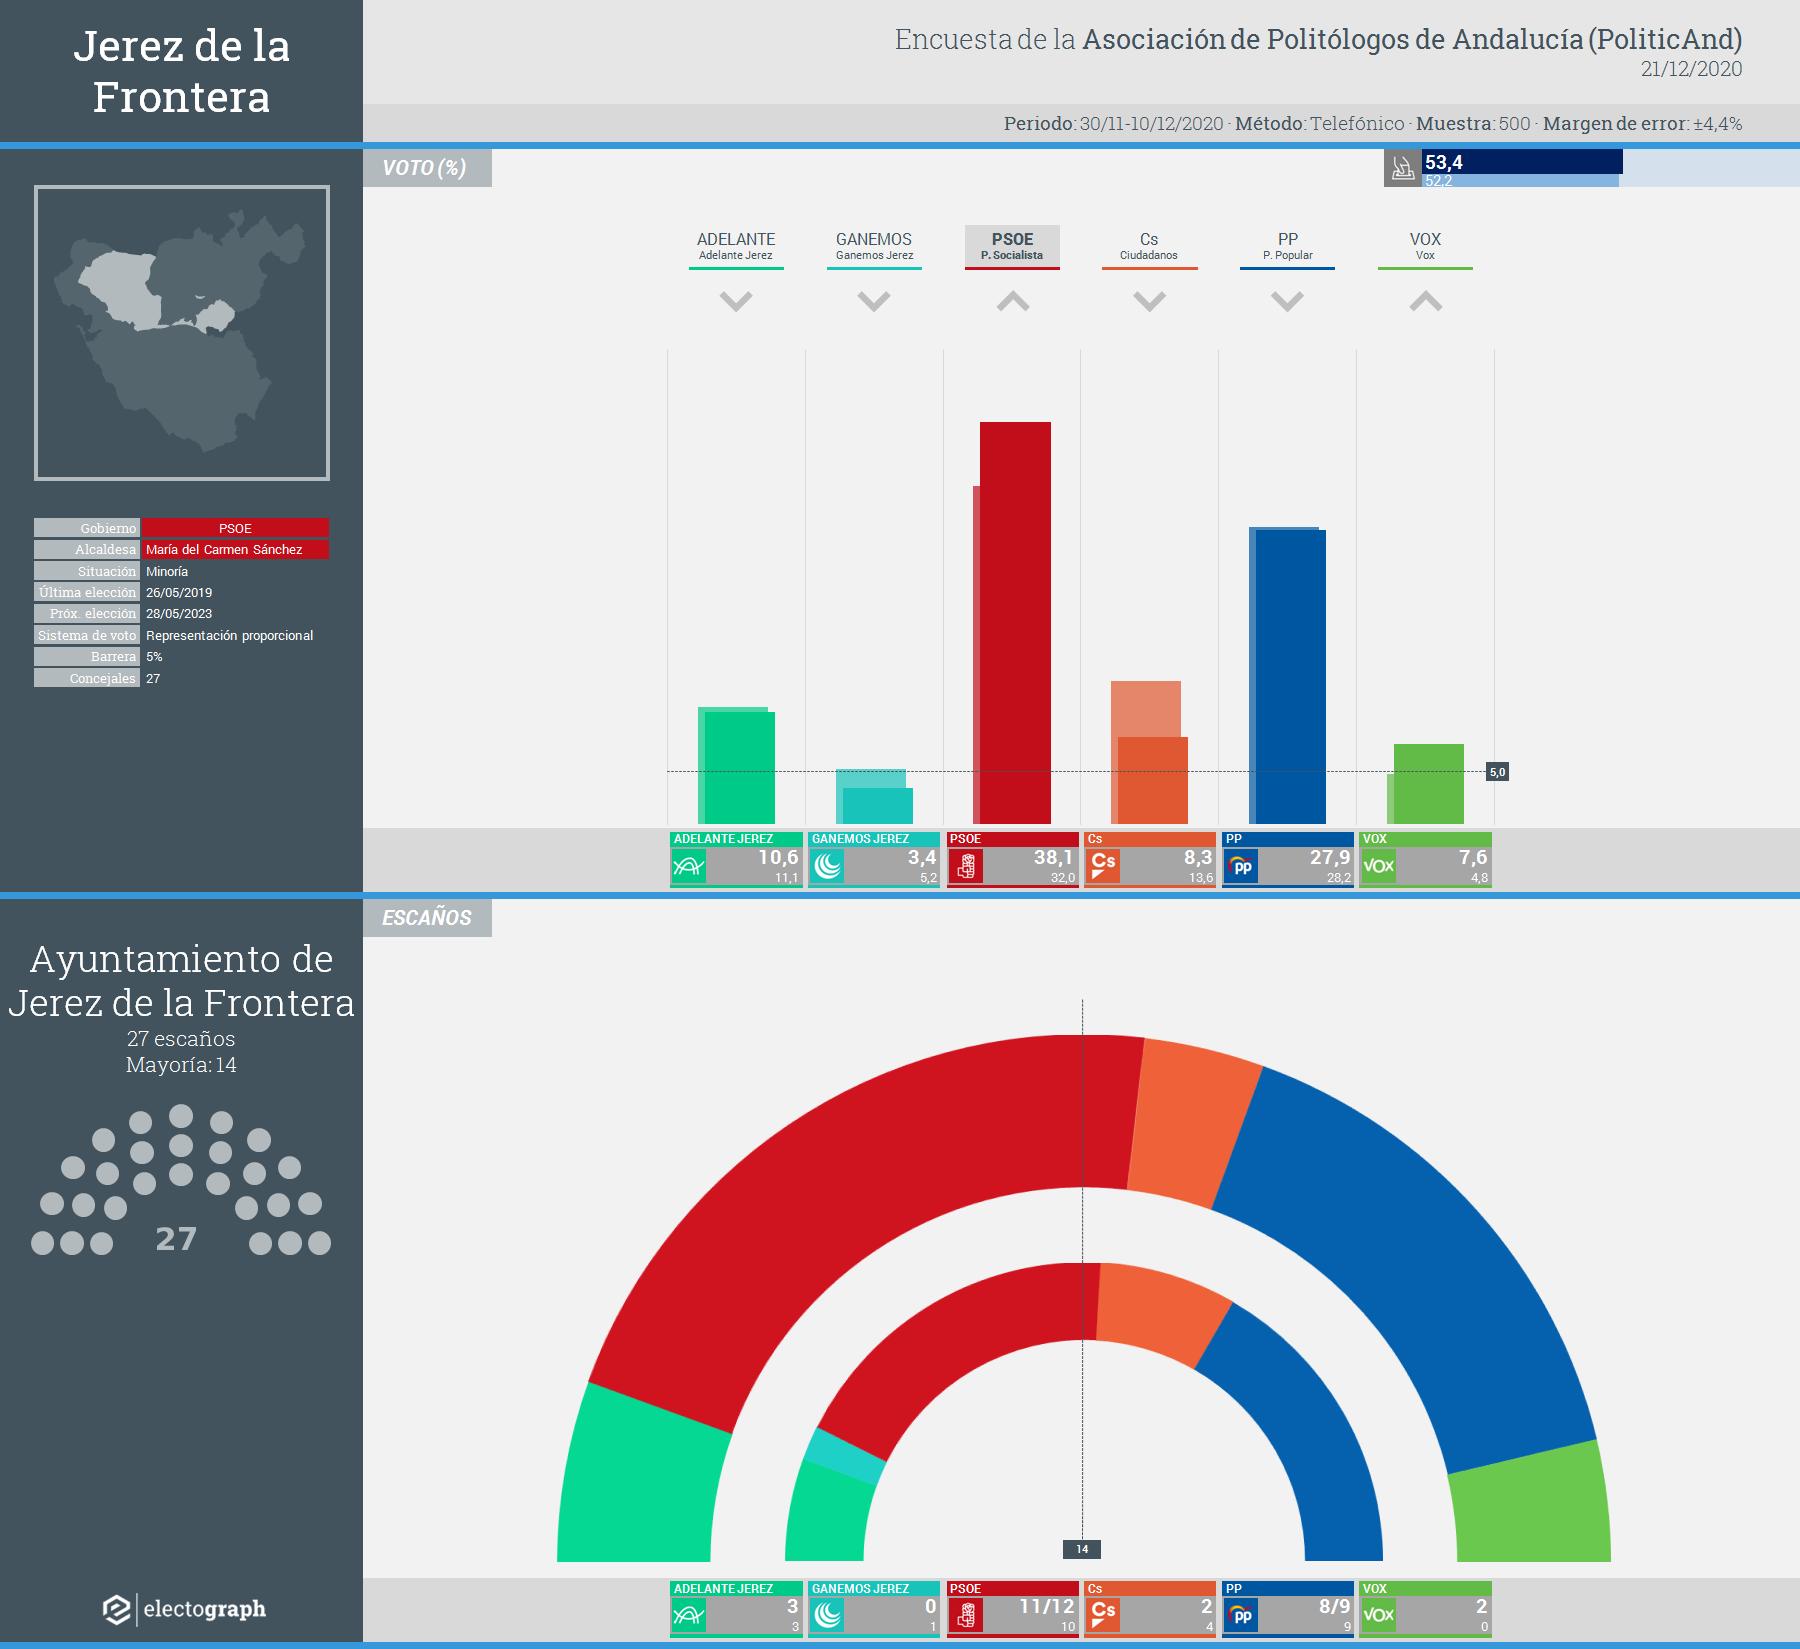 Gráfico de la encuesta para elecciones municipales en Jerez de la Frontera realizada por la Asociación de Politólogos de Andalucía (PoliticAnd), 21 de diciembre de 2020